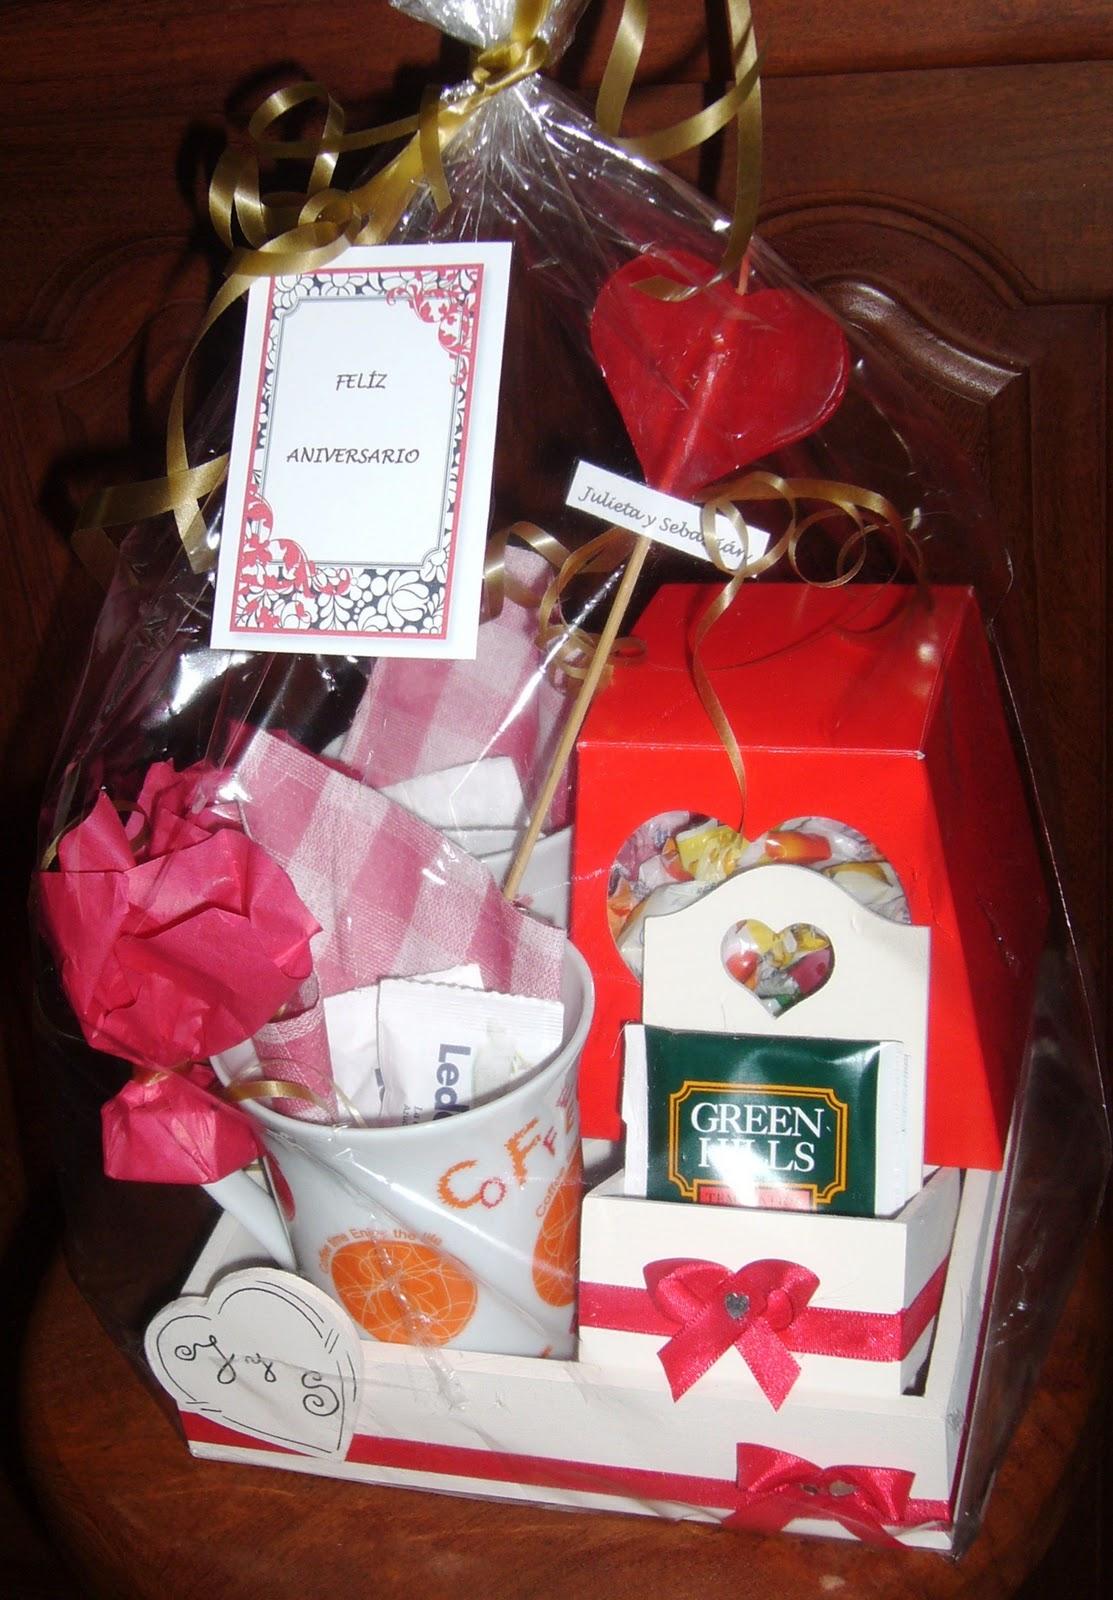 Regalery galeria de regalos for Regalo especial aniversario